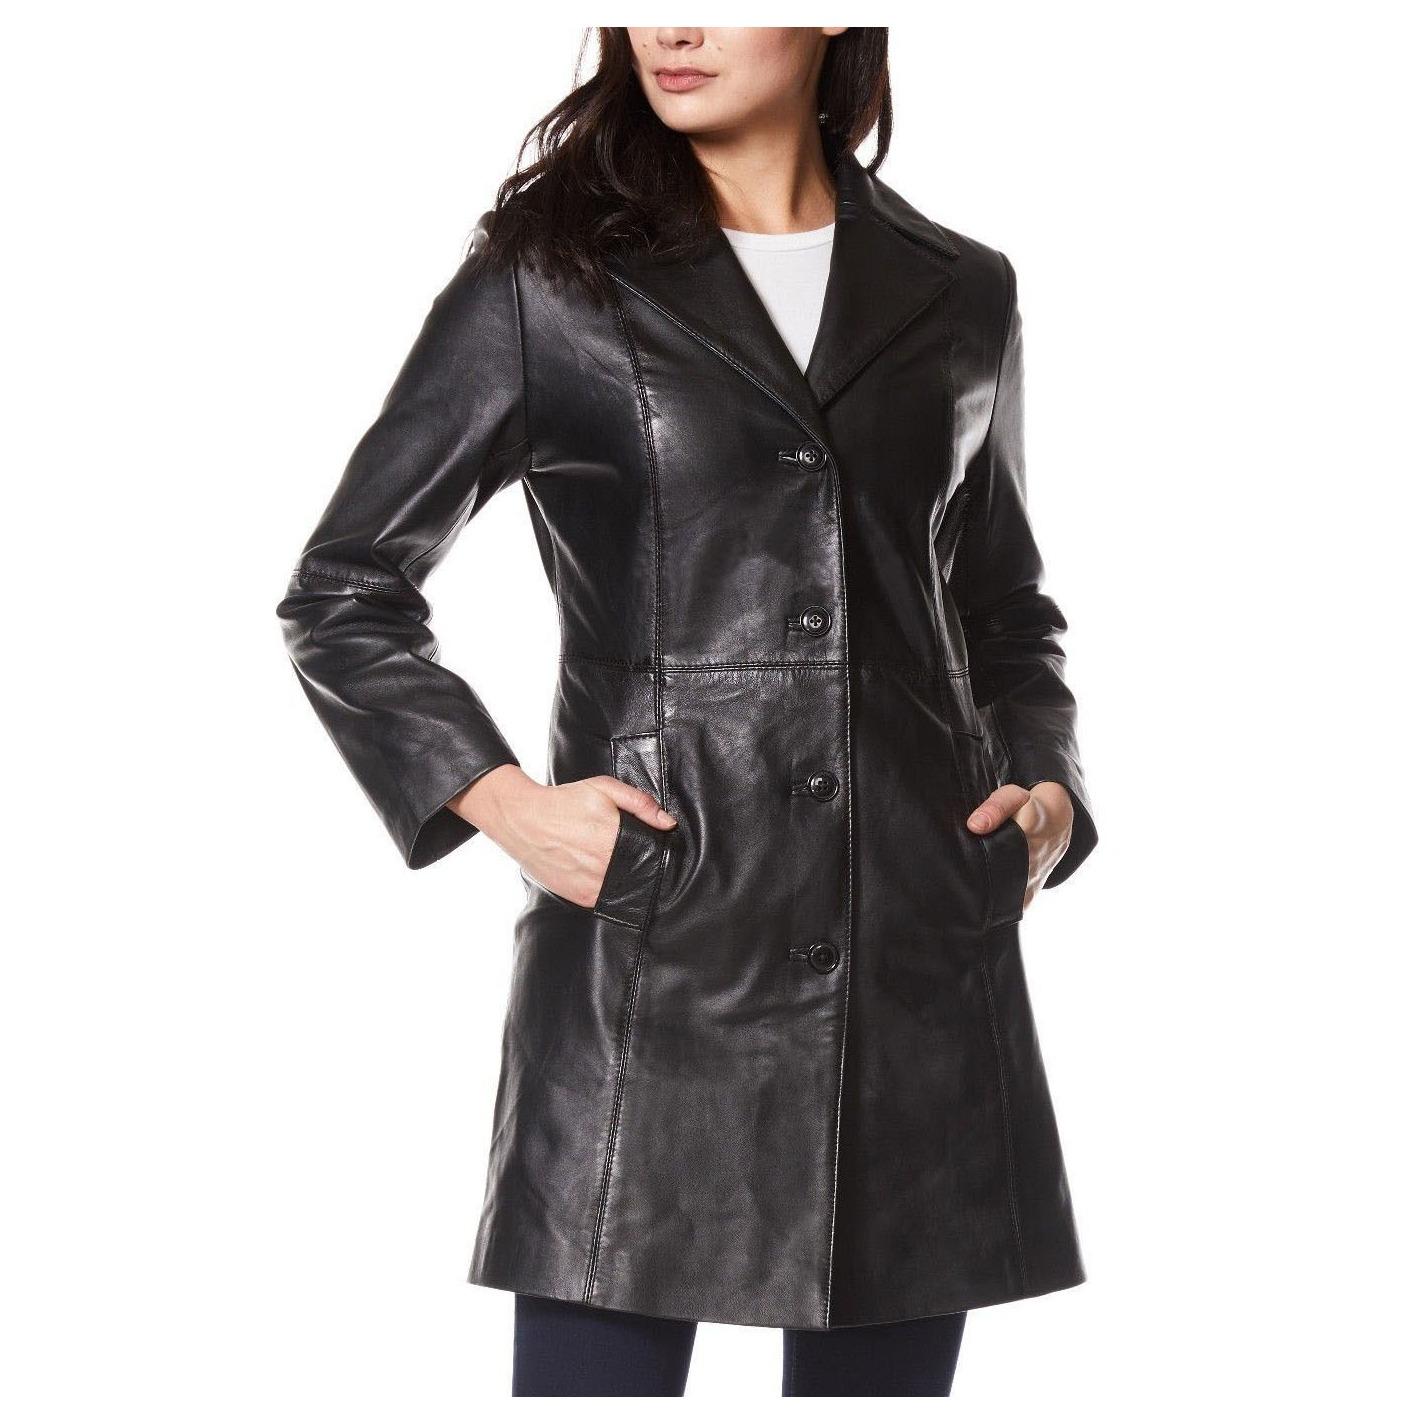 c592e18e06 Dámsky Kožený Kabát Cassandra Čierny. Loading zoom